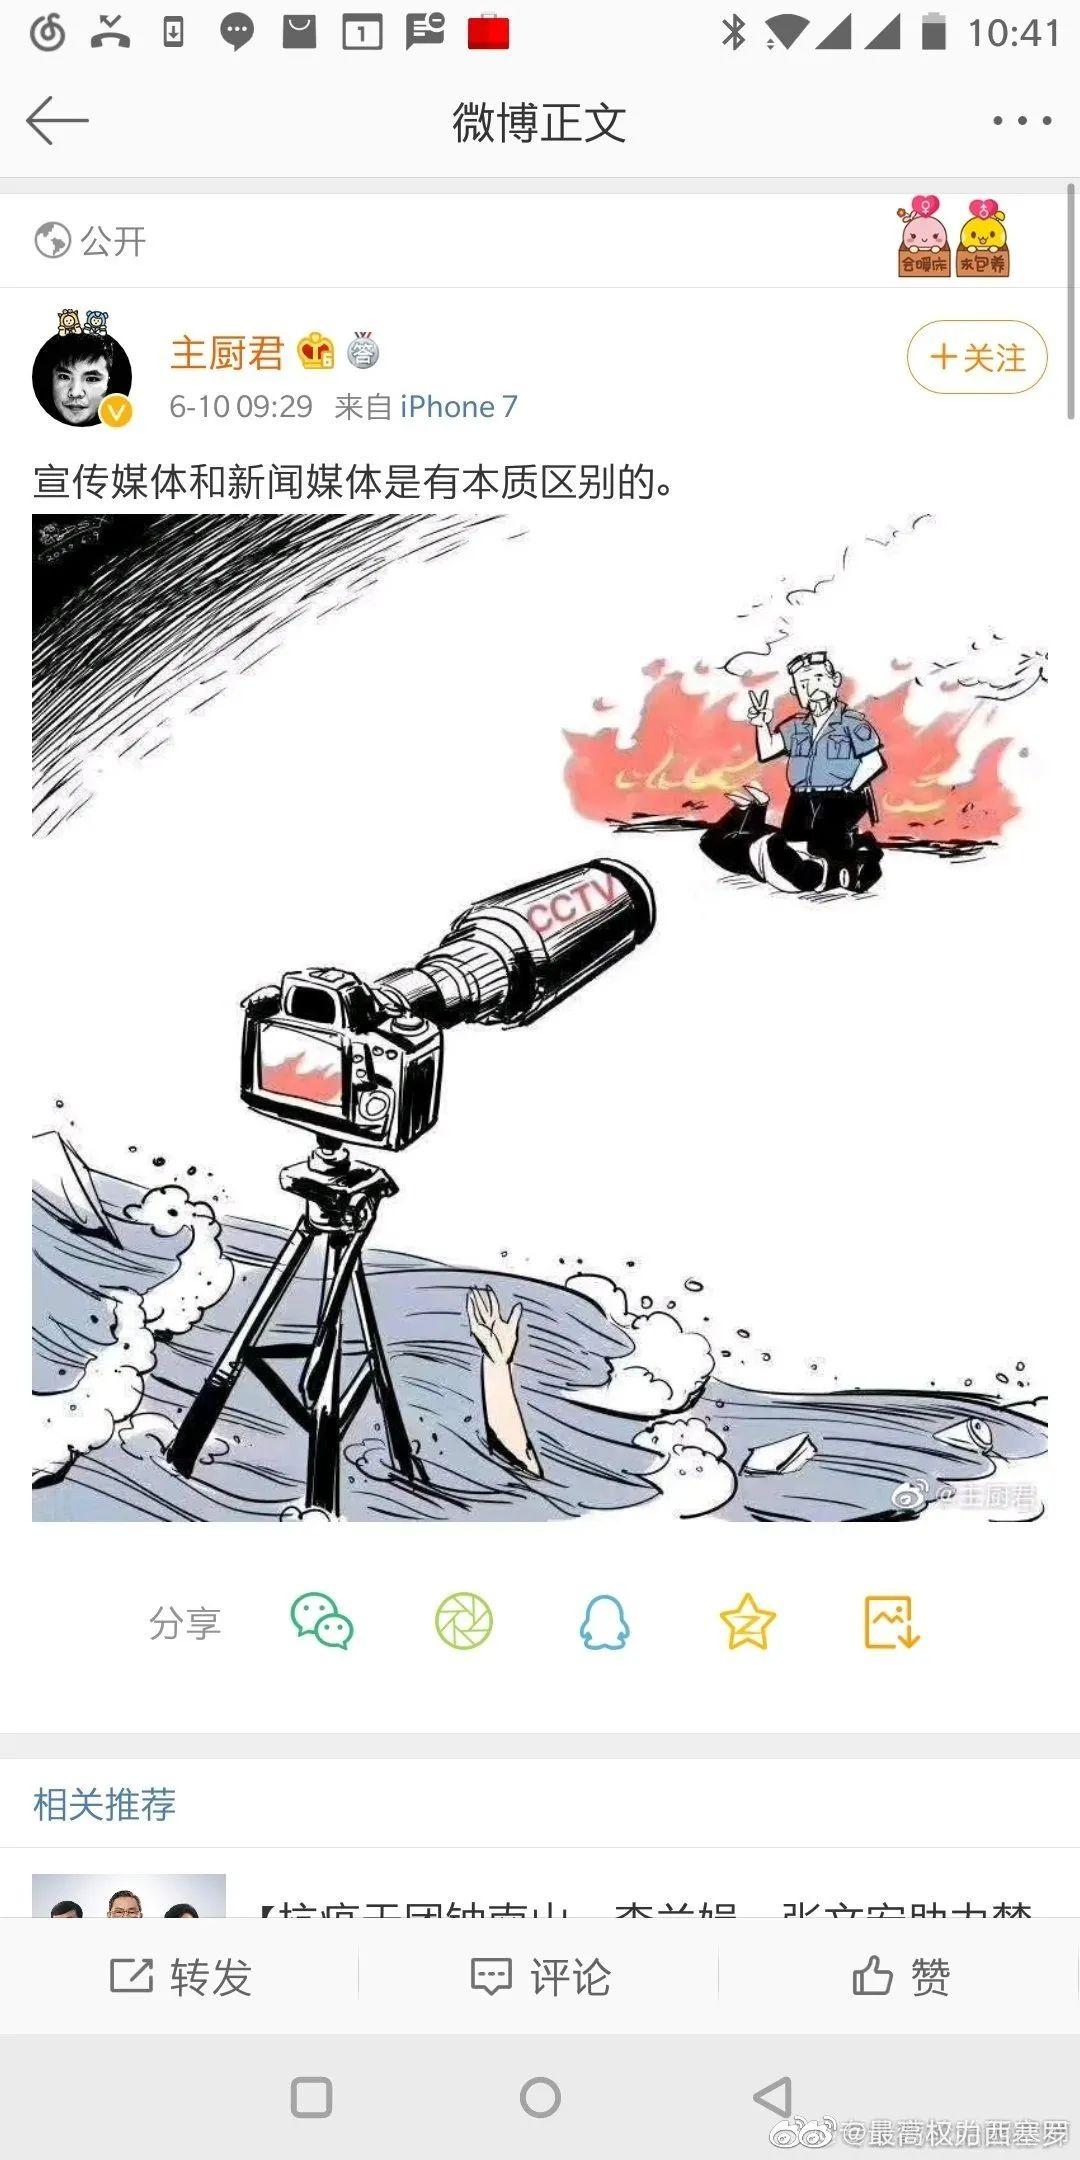 摩天登录:国媒体中国救灾摩天登录从不靠公知烂嘴图片